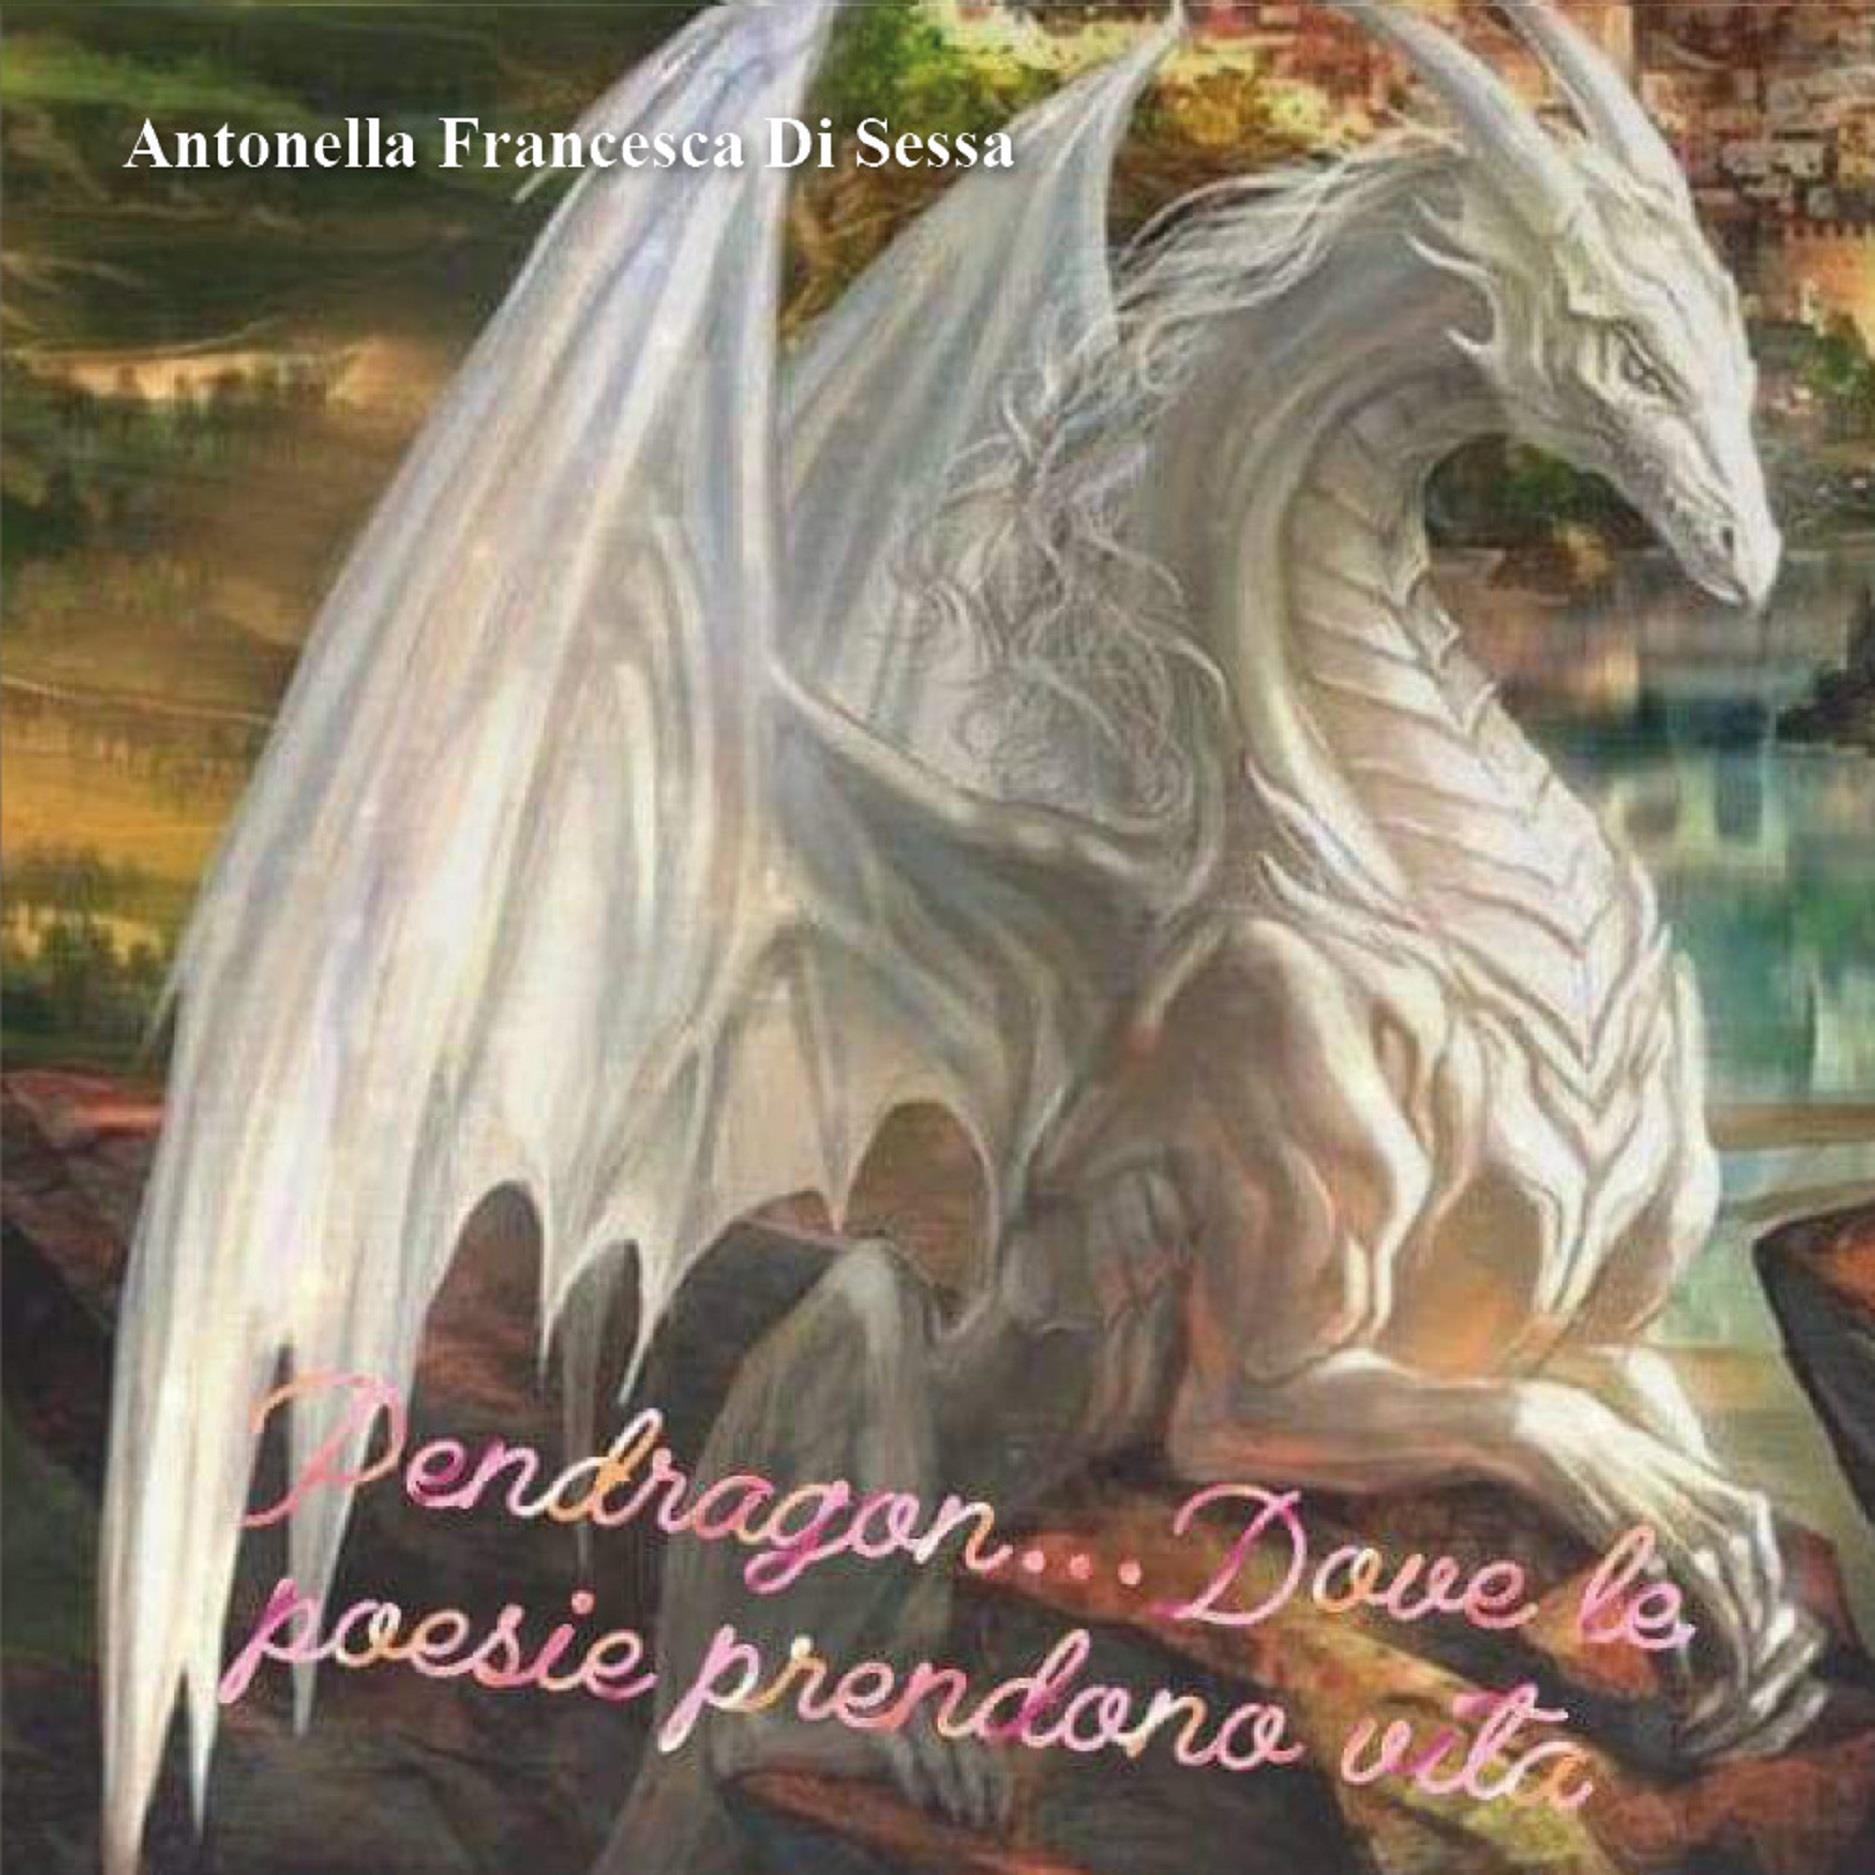 Pendragon dove le poesie prendono vita